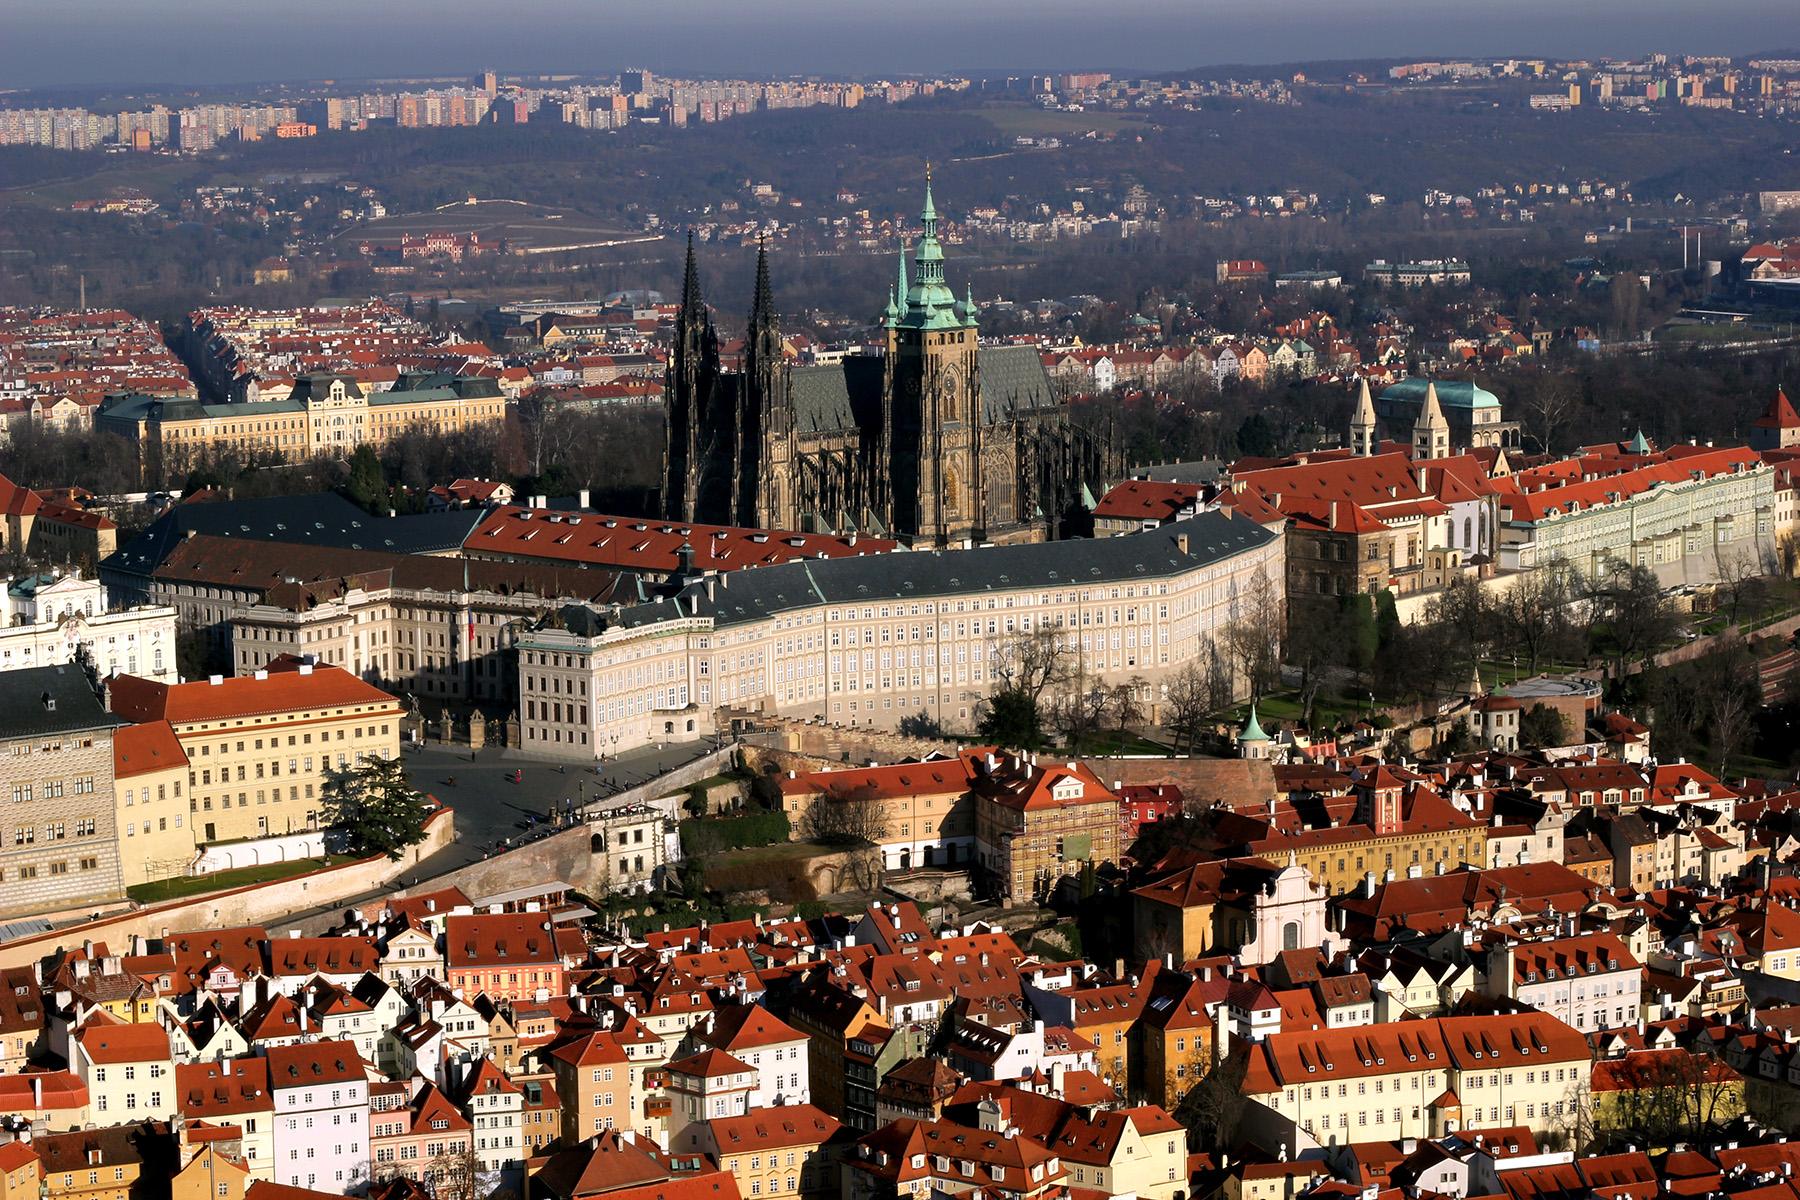 Собор святого Вита в Праге. Фотография в Петршинской обзорной башни.